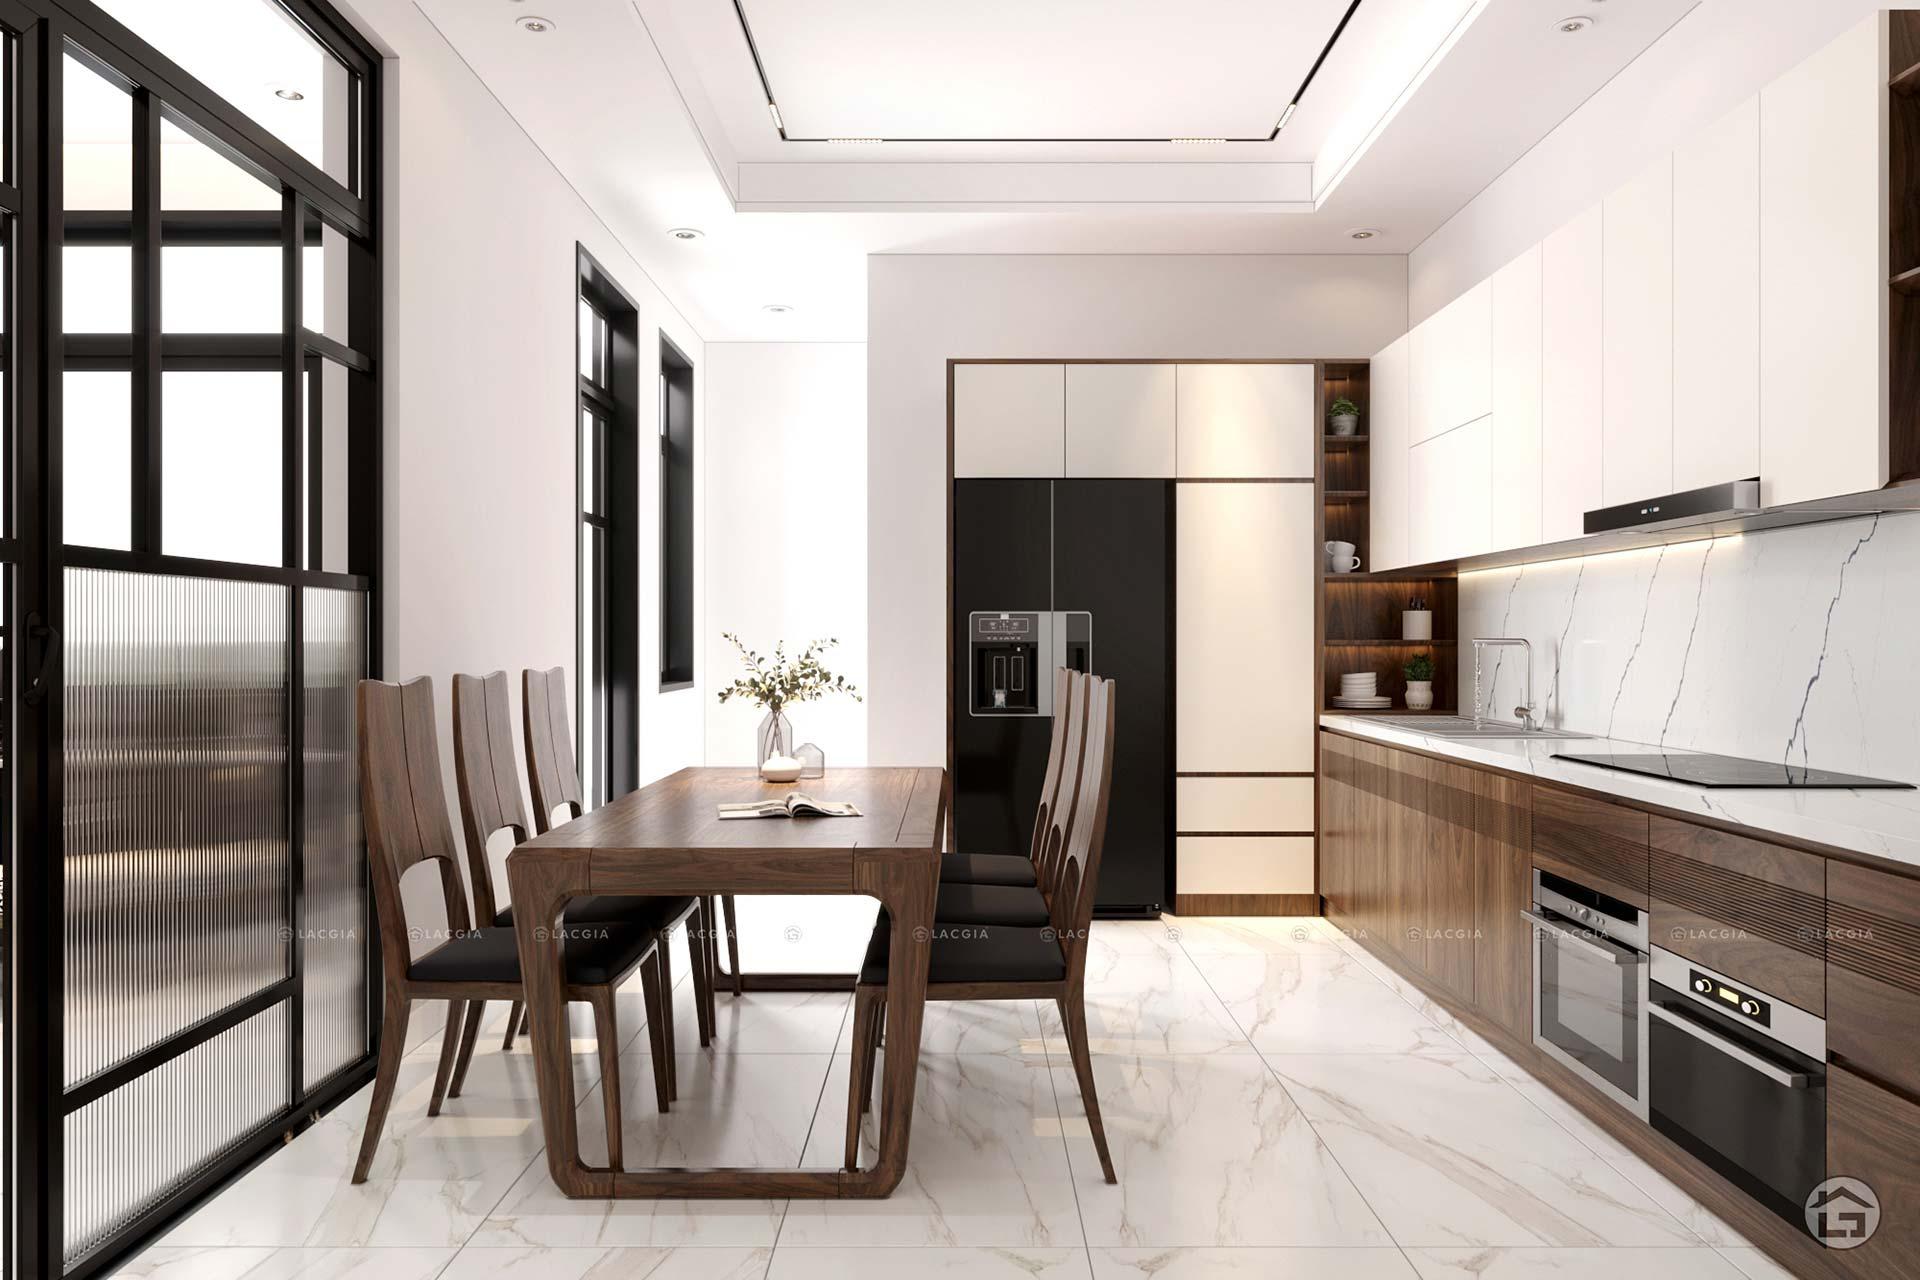 Thiết kế nội thất biệt thự cao cấp Lai Châu - Anh Hà Nhi